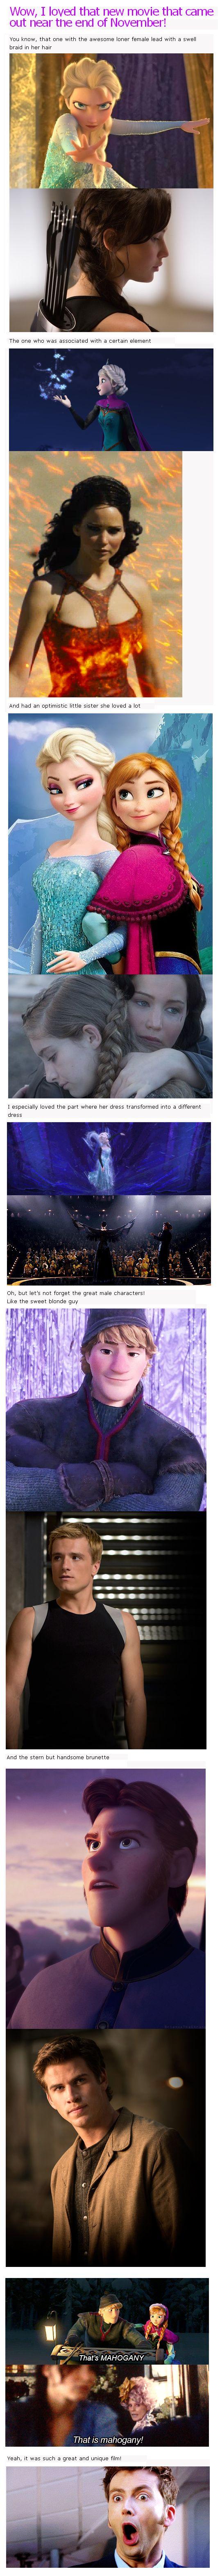 Frozen and The Hunger Games --- WHAAAATT??